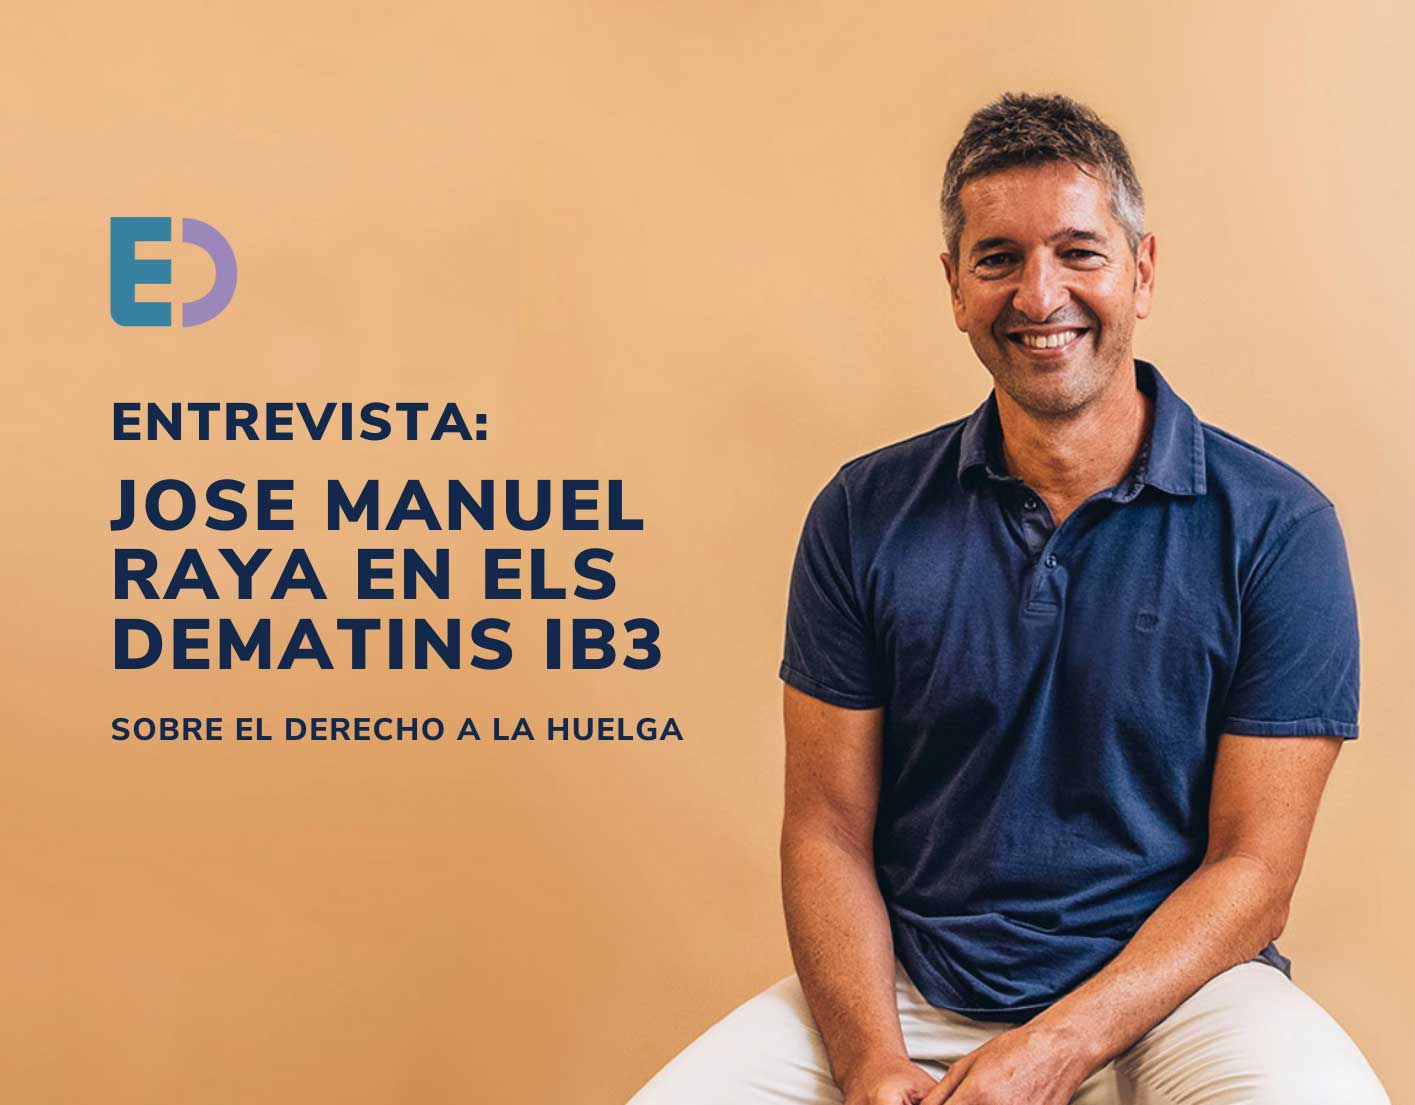 Jose Manuel Raya entrevistado en IB3 TV por el derecho a la huelga.